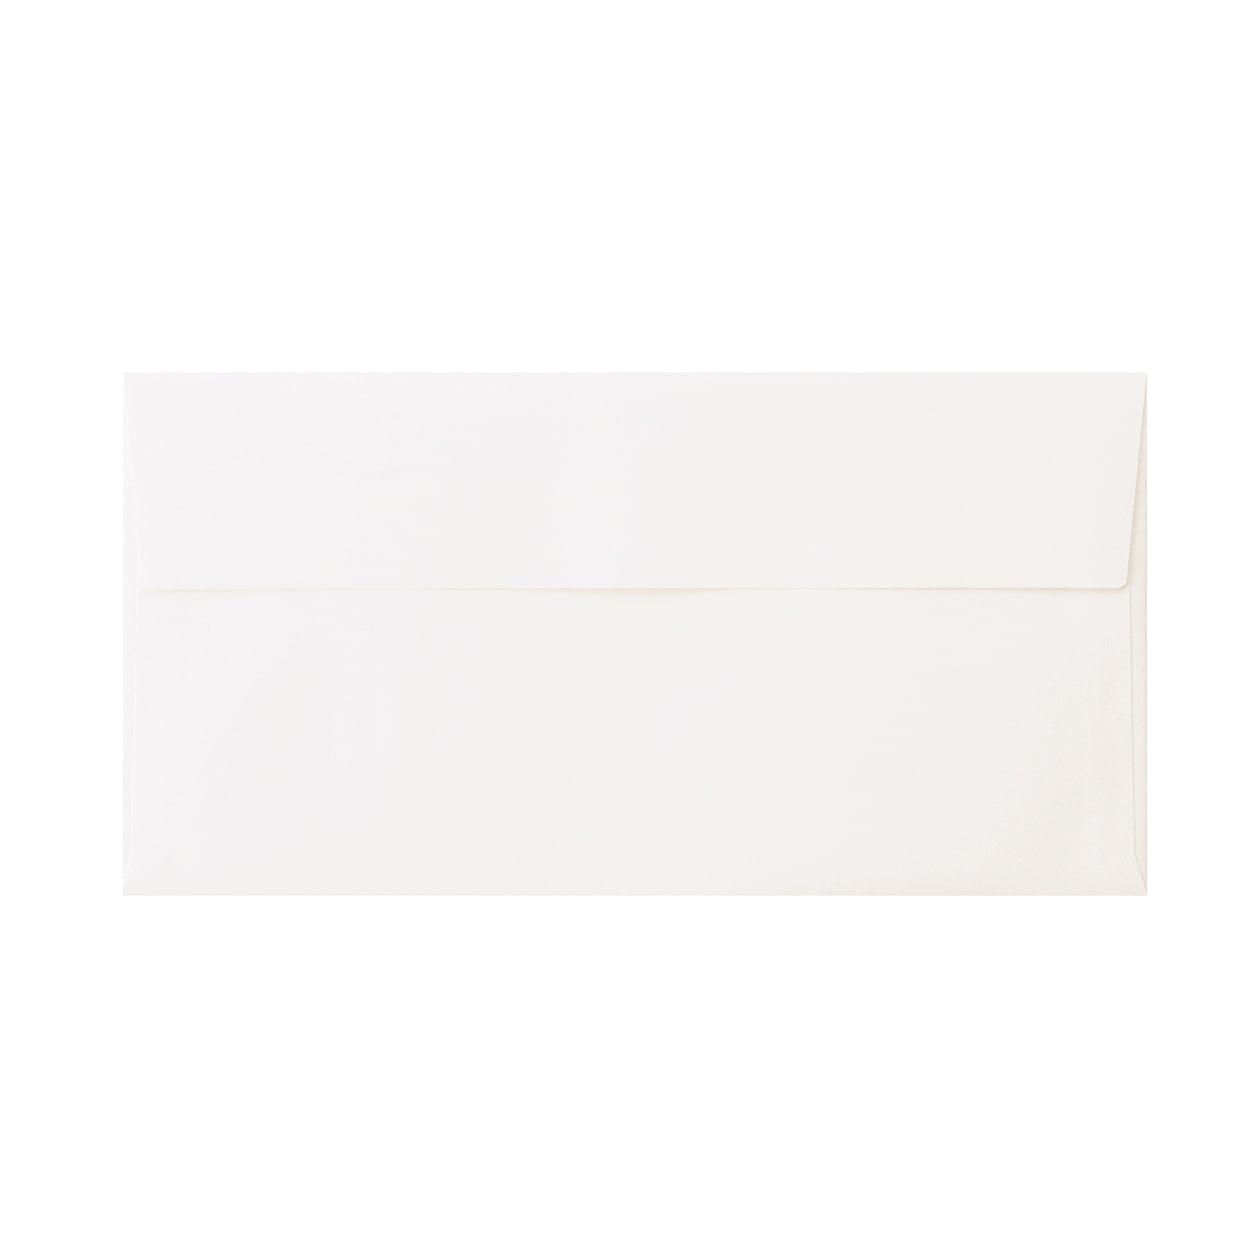 見本 00020 長3カマス封筒 コットン スノーホワイト 116.3g